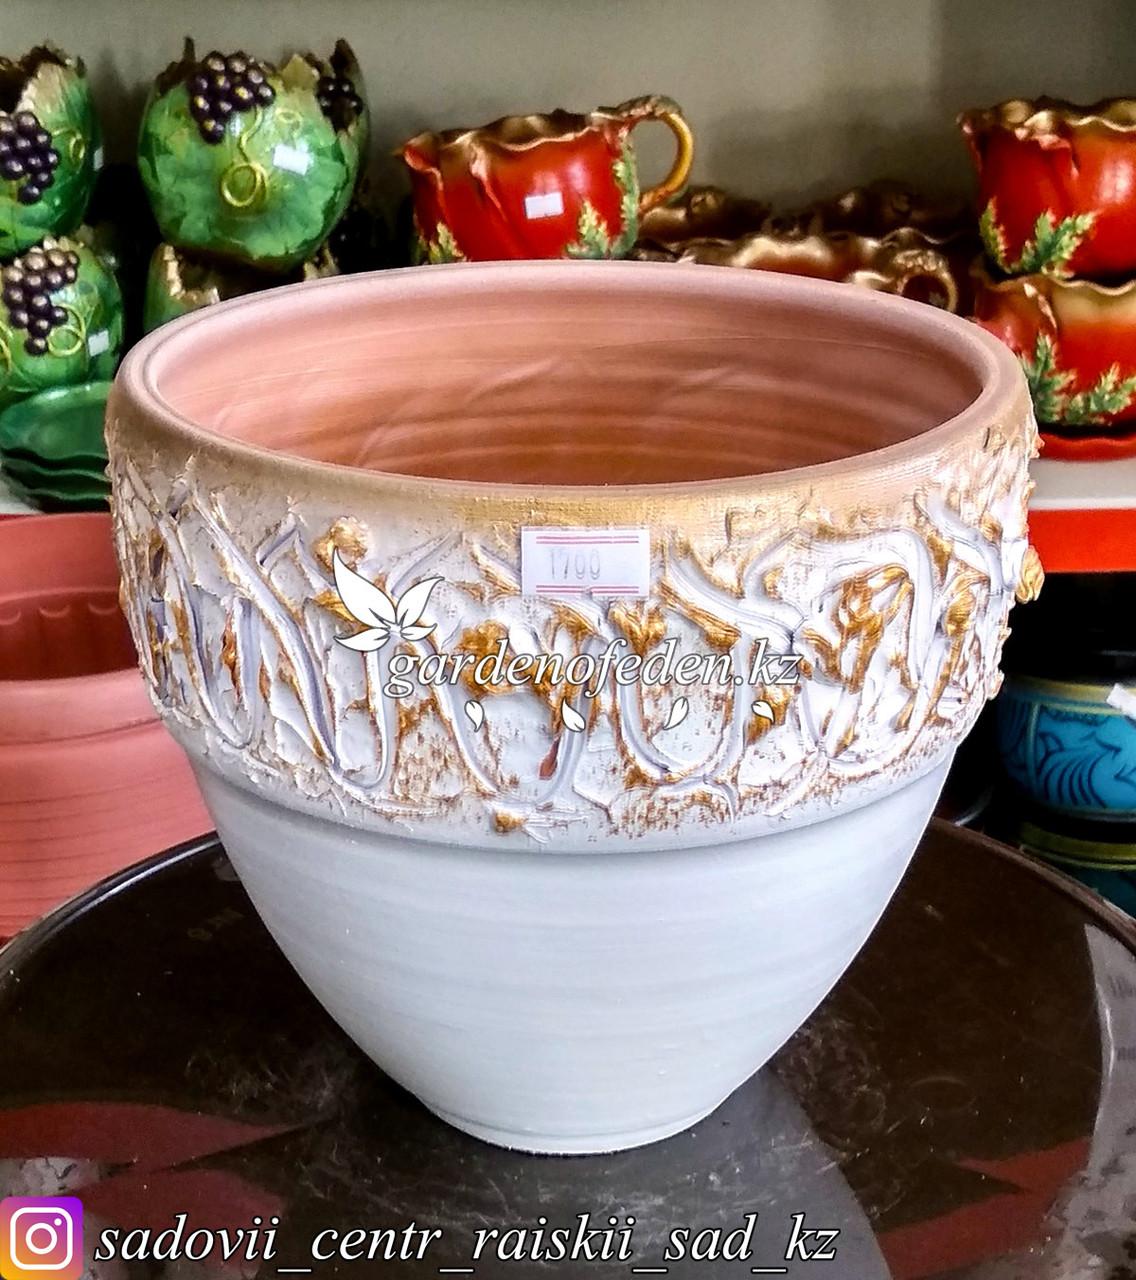 Керамический горшок для цветов. Объем: 1л. Цвет: Белый, узор-золото.